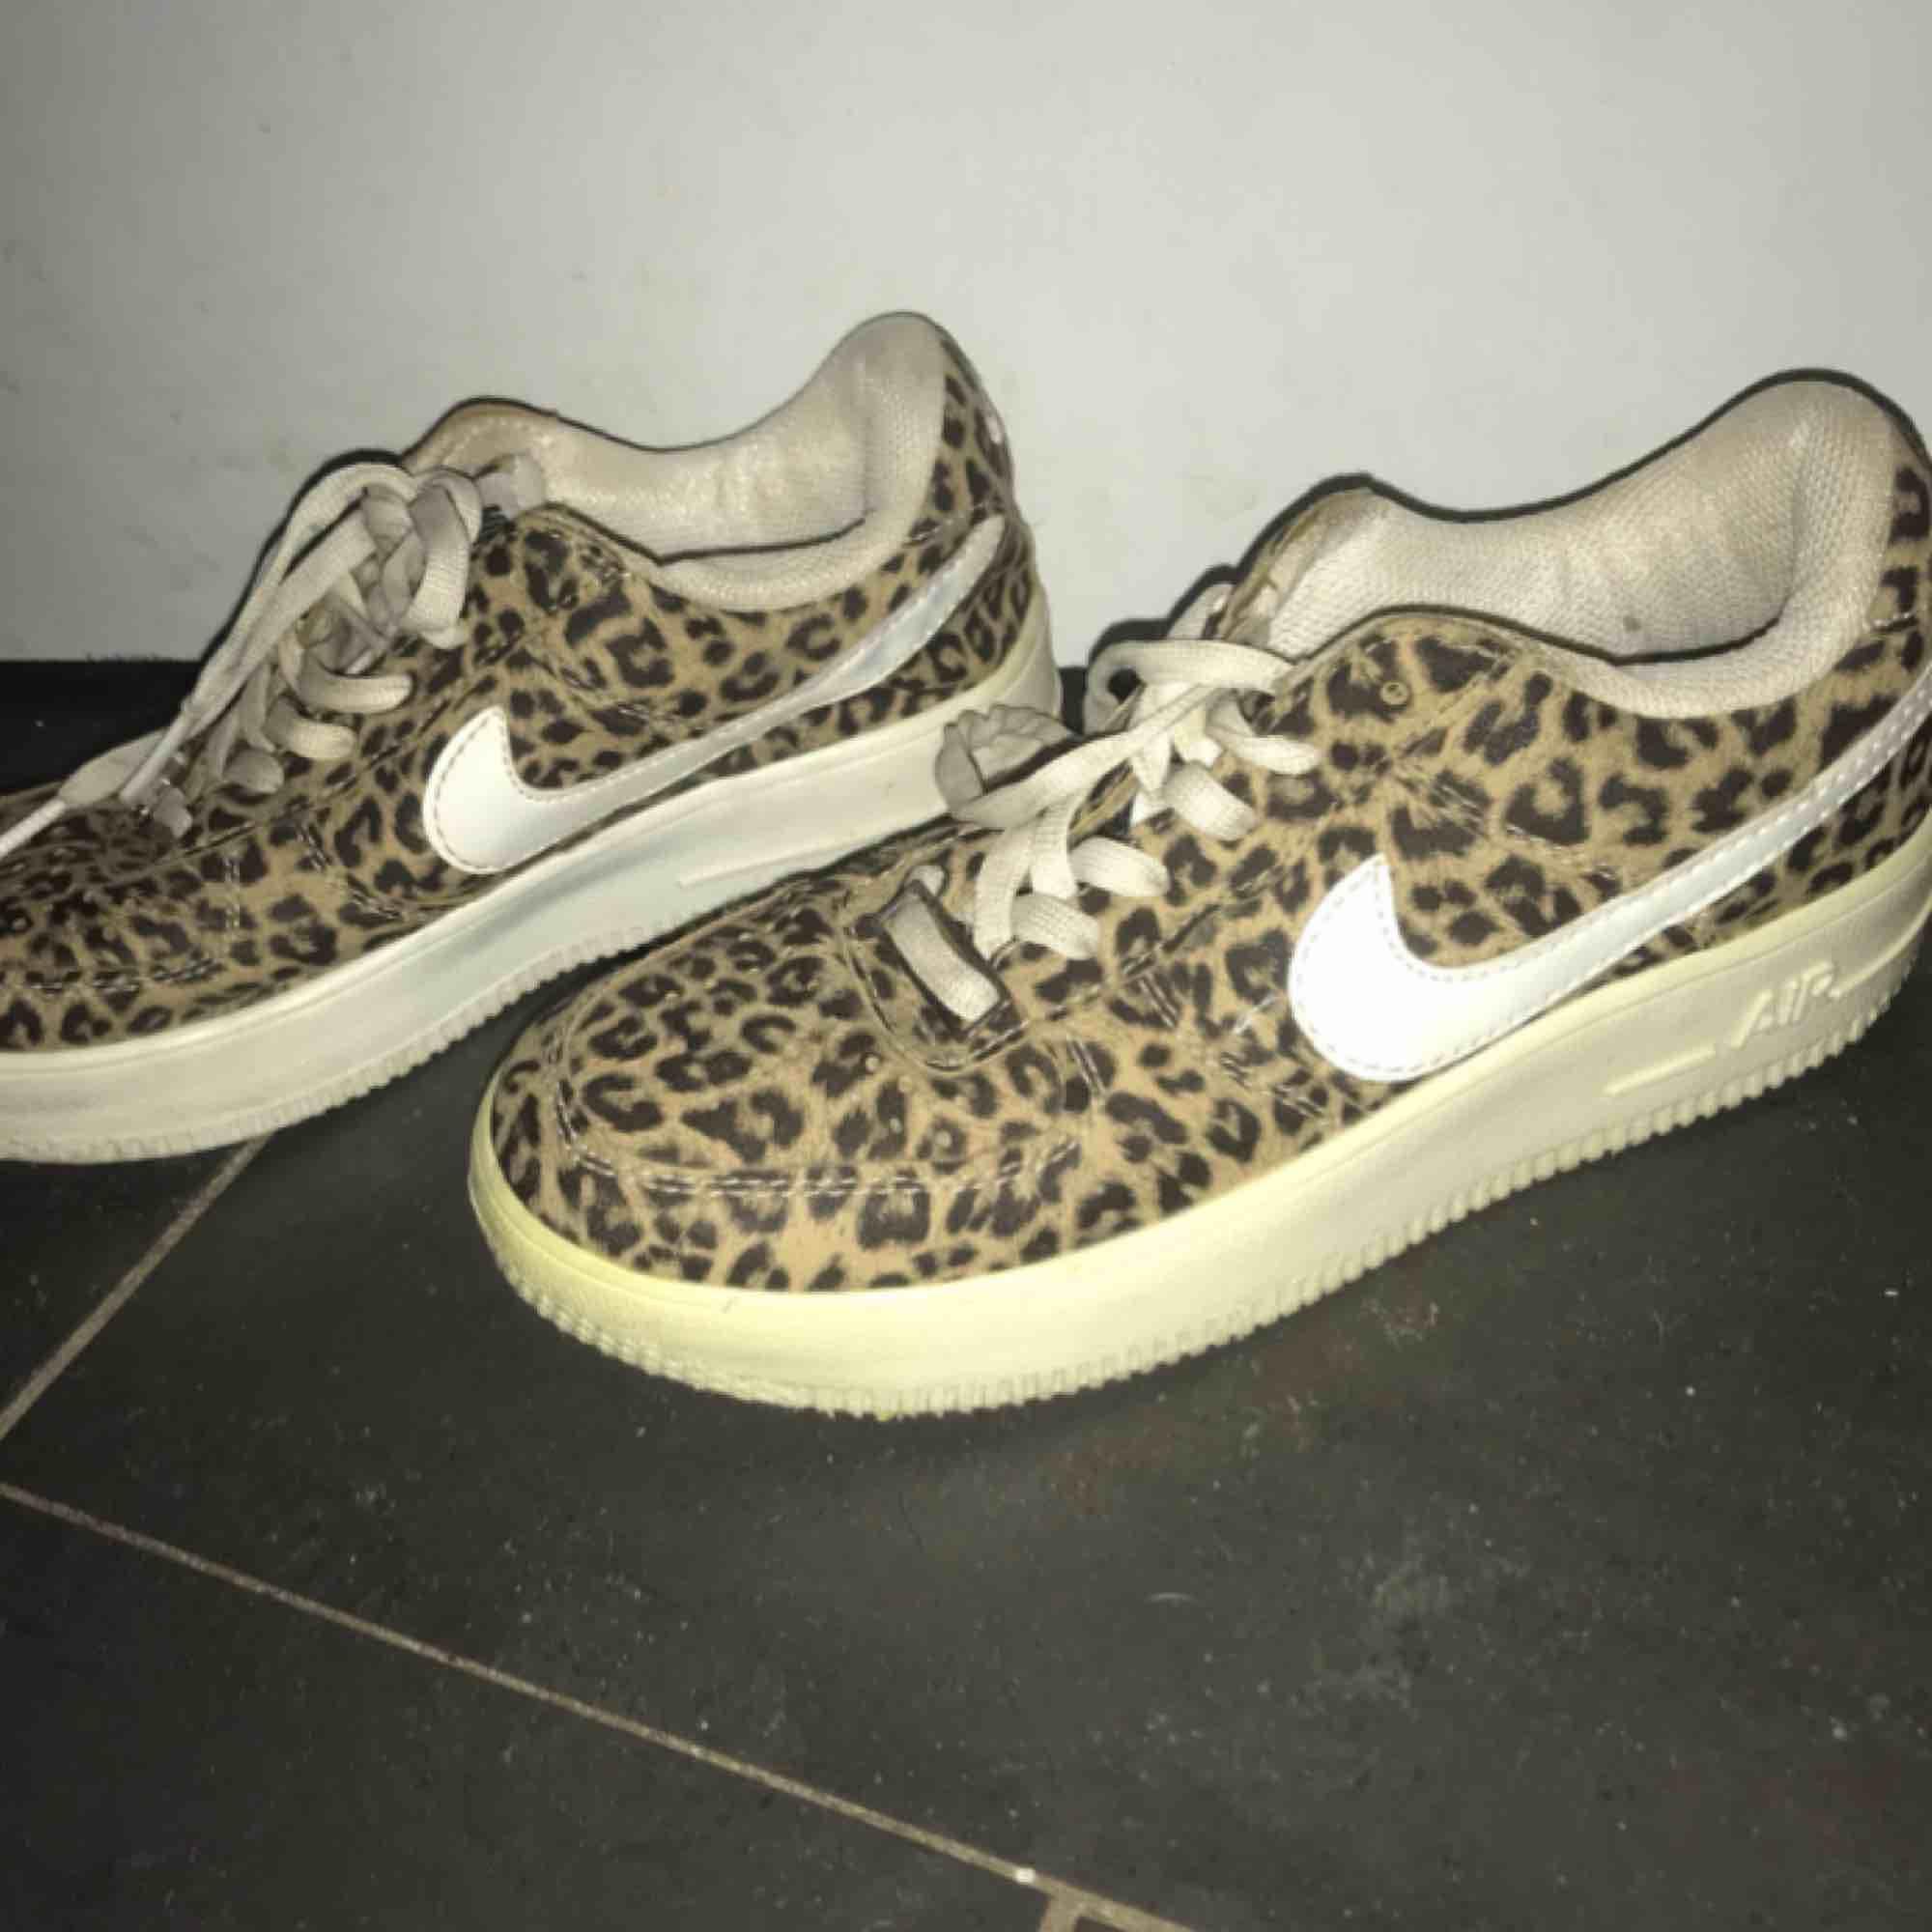 Leopardfärgade Nike air force 1 sneakers 😊 Sparsamt använda, så i fin kvalite. Lite sliten sula inuti + snören som lätts byt ut. Stor rensning här hemma så gör gärna snabba affärer. Pris kan absolut diskuteras om det är önskat.. Skor.